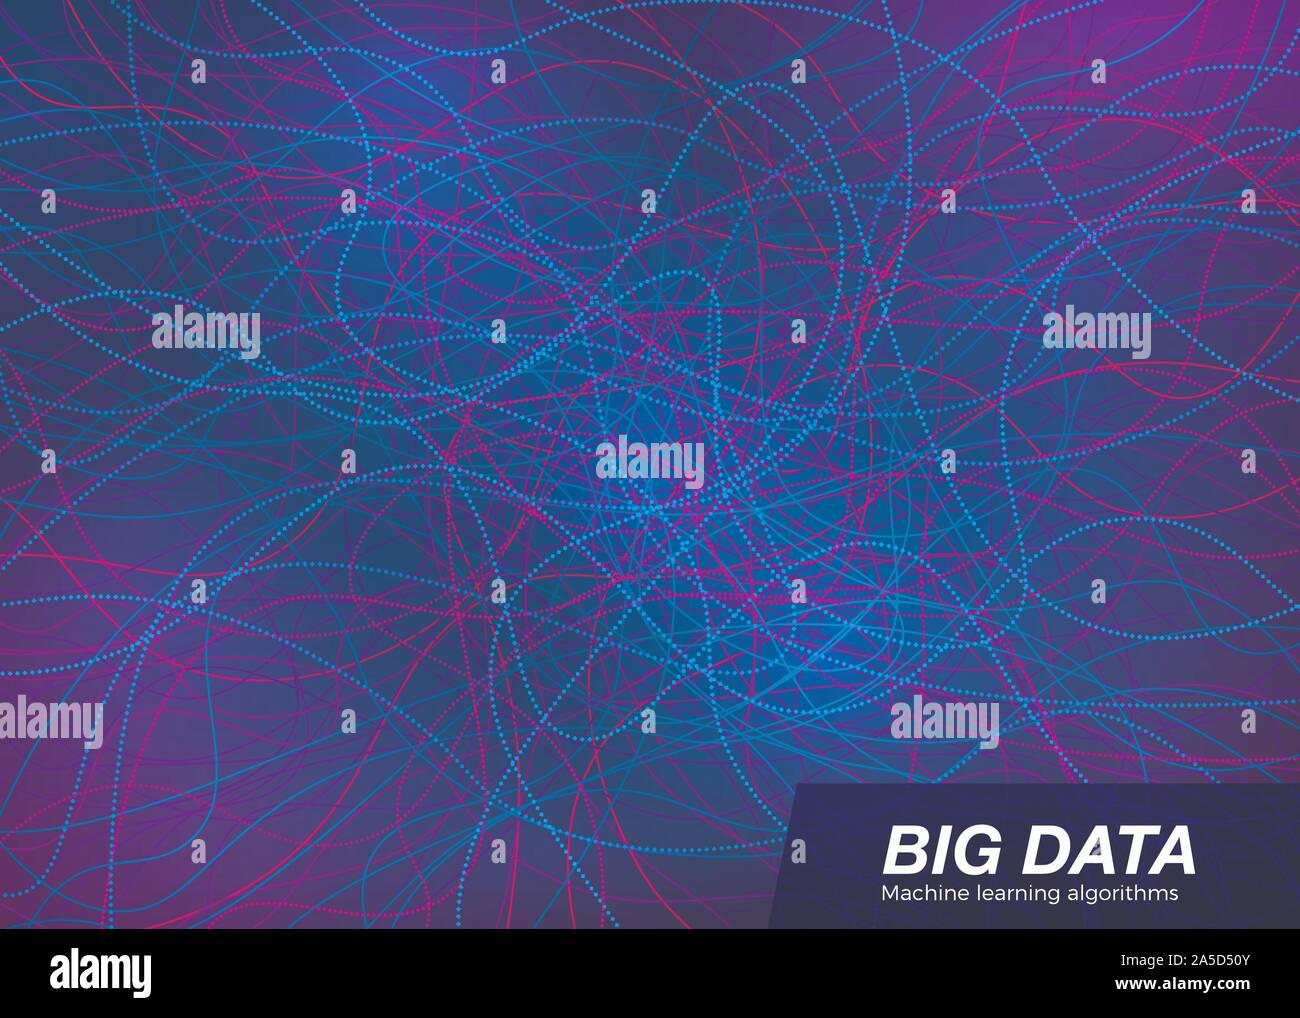 Le Big Data Visual Concept. Résumé Arrière-plan technique. La composition de la musique des vagues. Vector Illustration de Vecteur